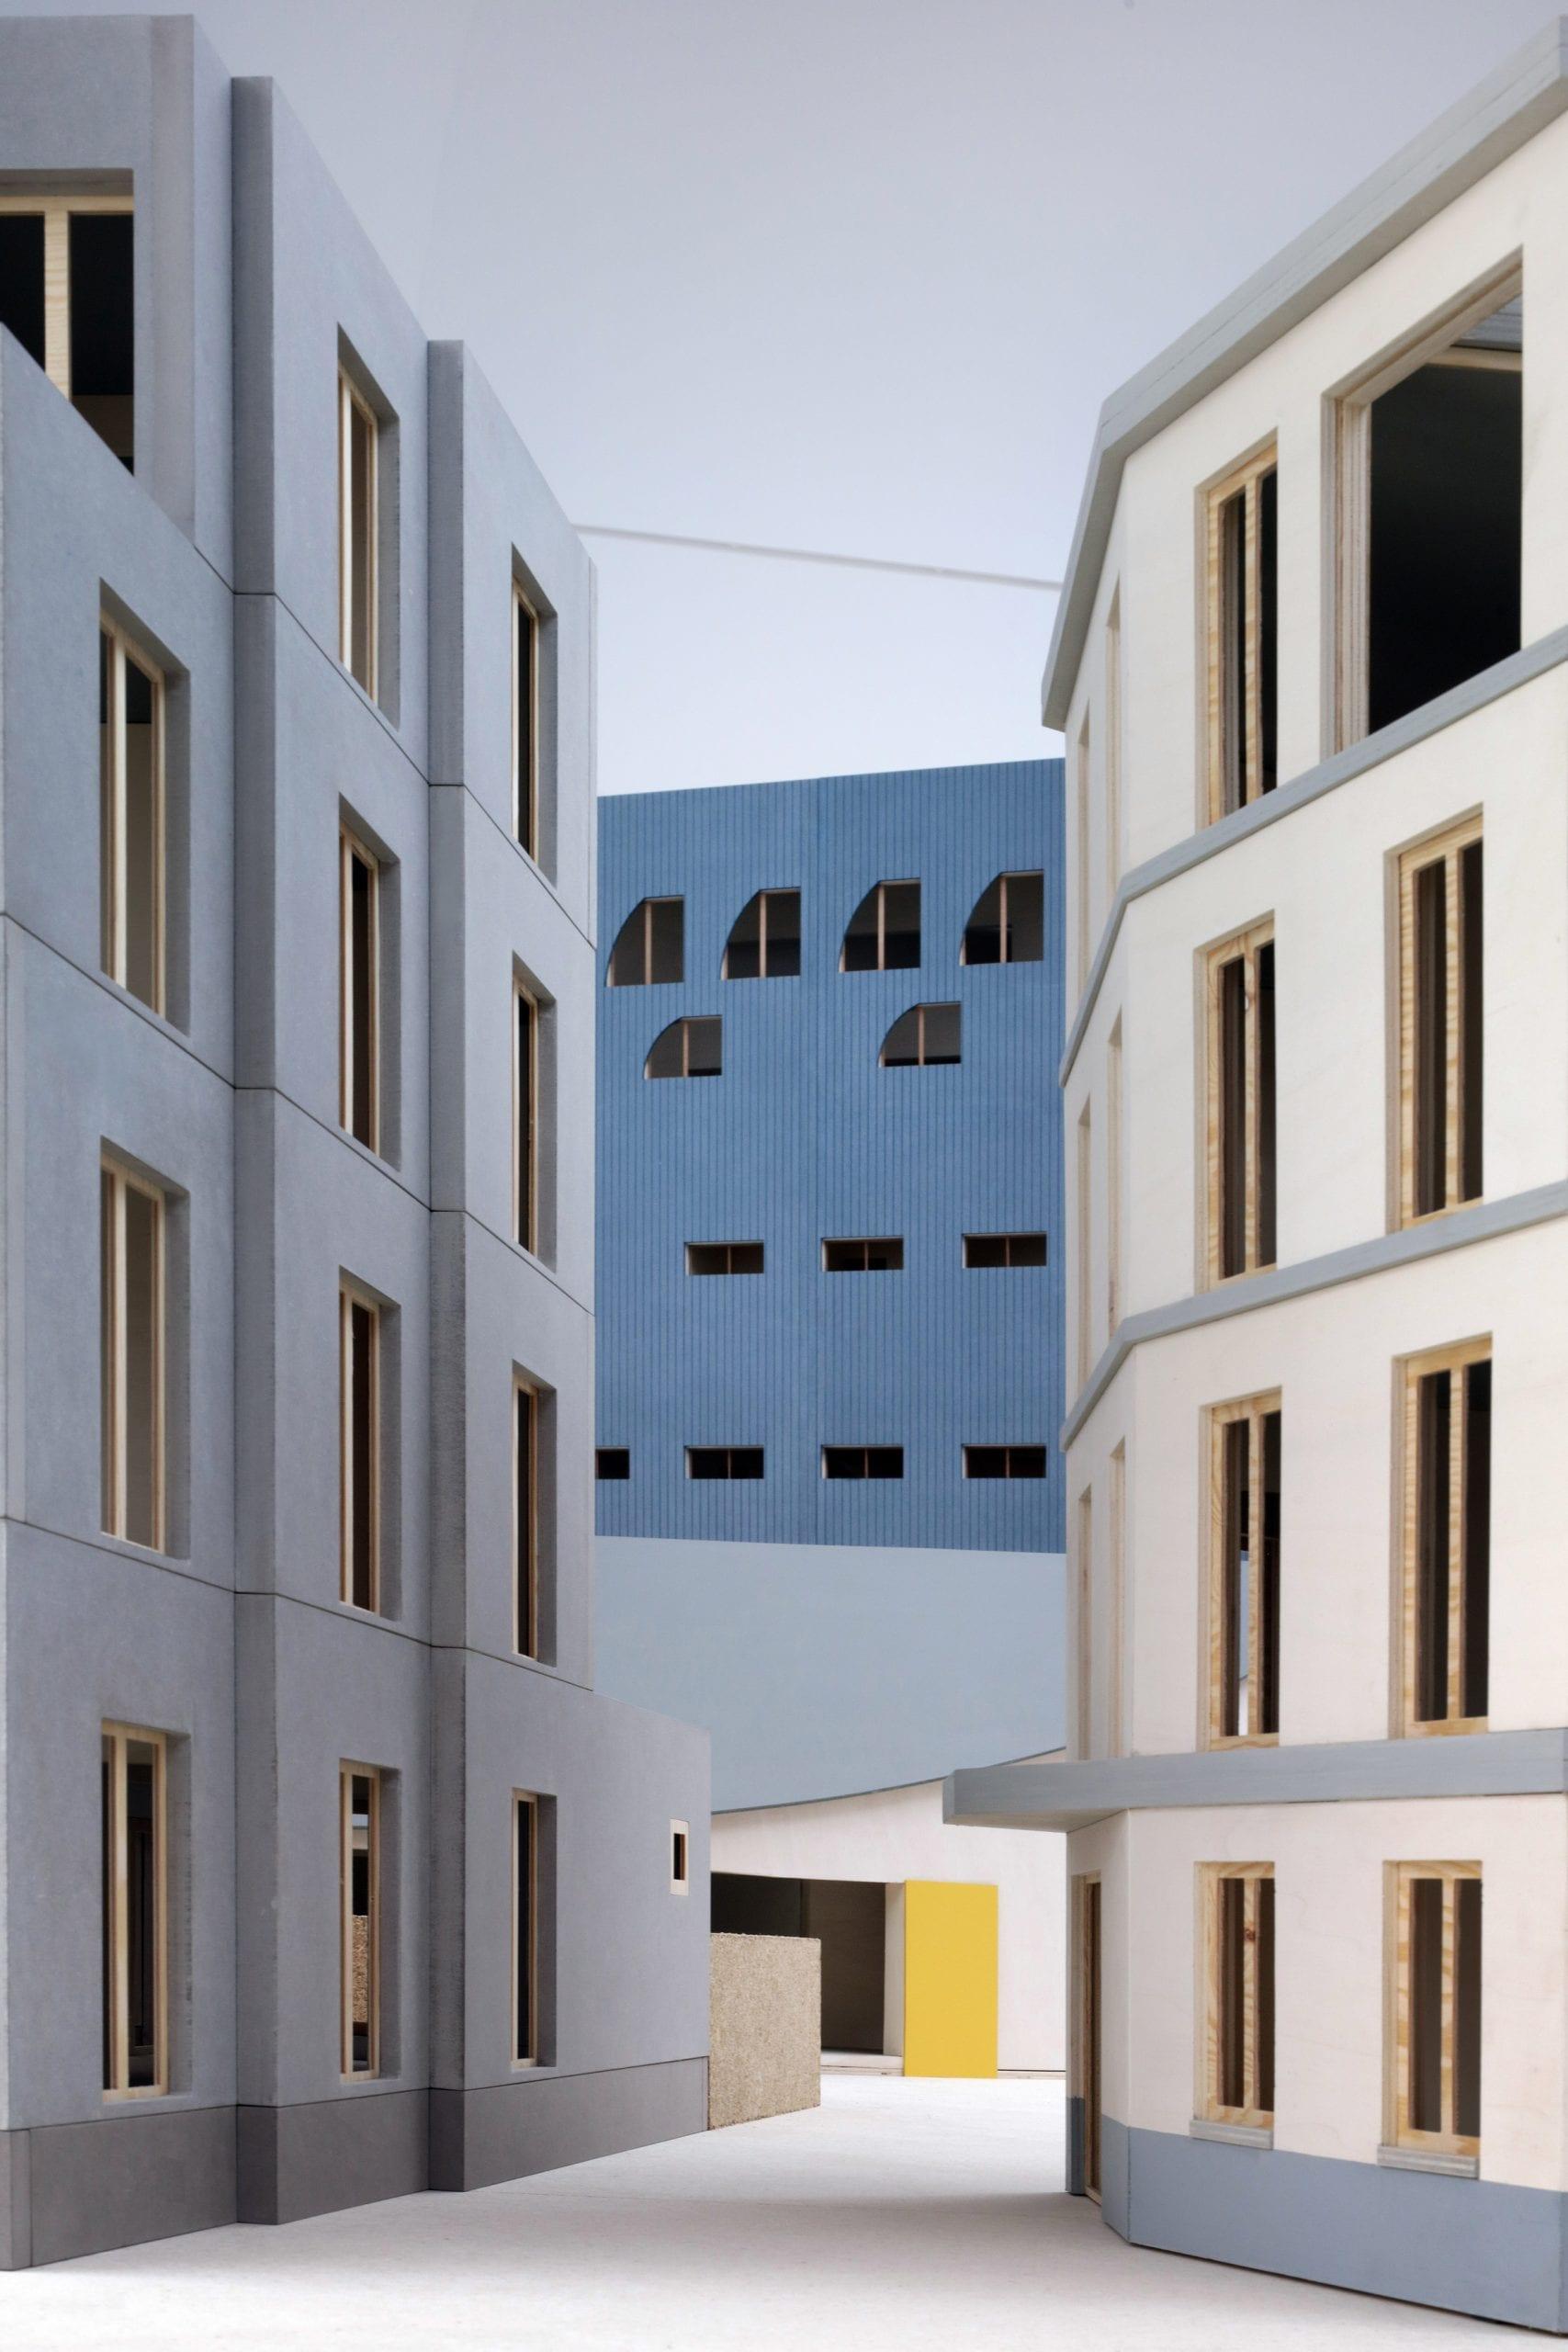 Edificios de ciudades flamencas en el Pabellón de Bélgica